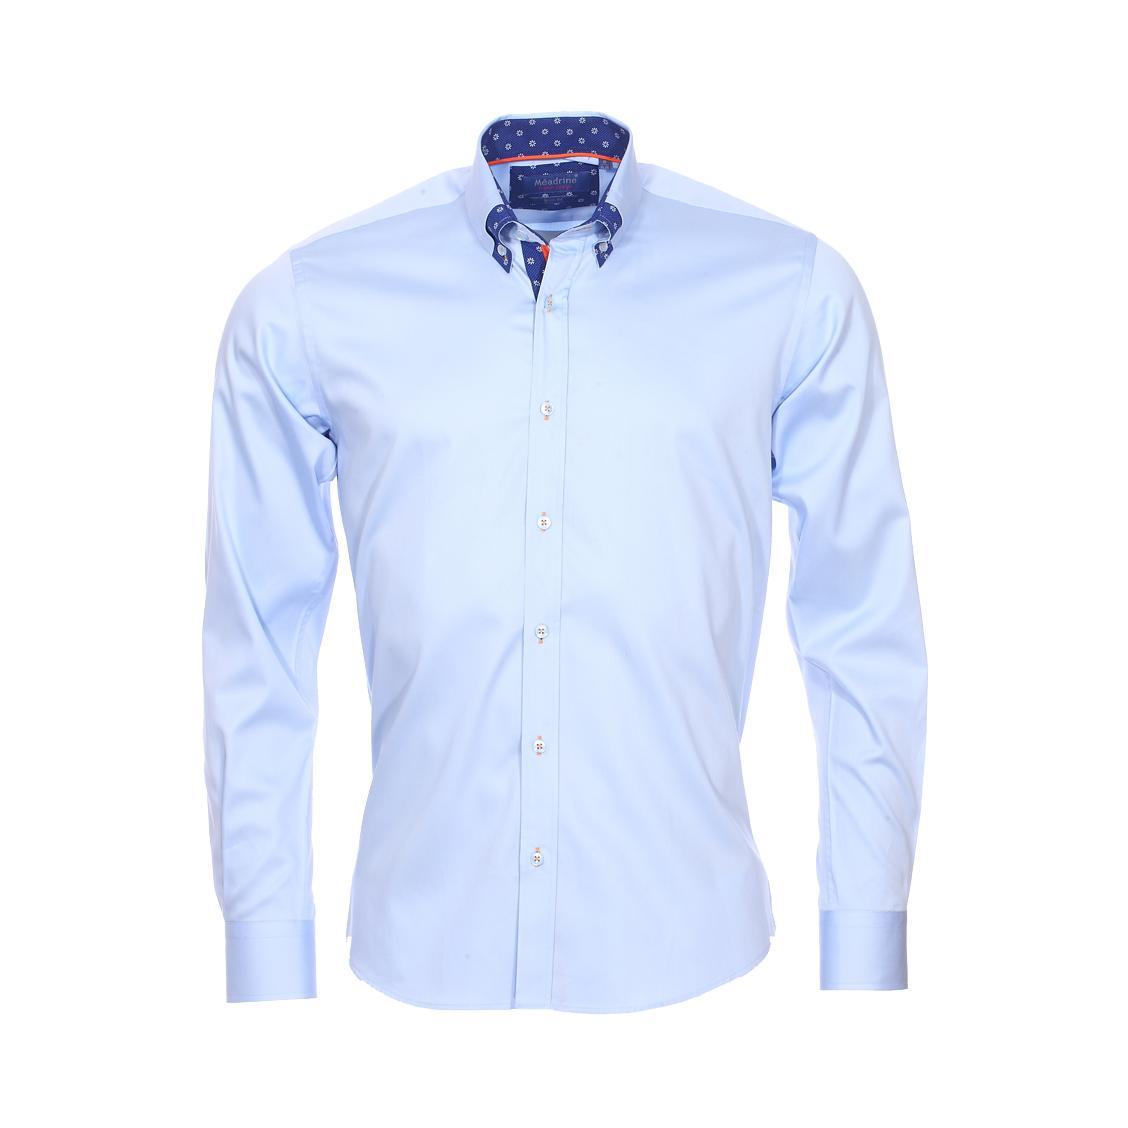 Chemise cintrée  en coton bleu ciel à opposition bleu marine à fleurs blanches